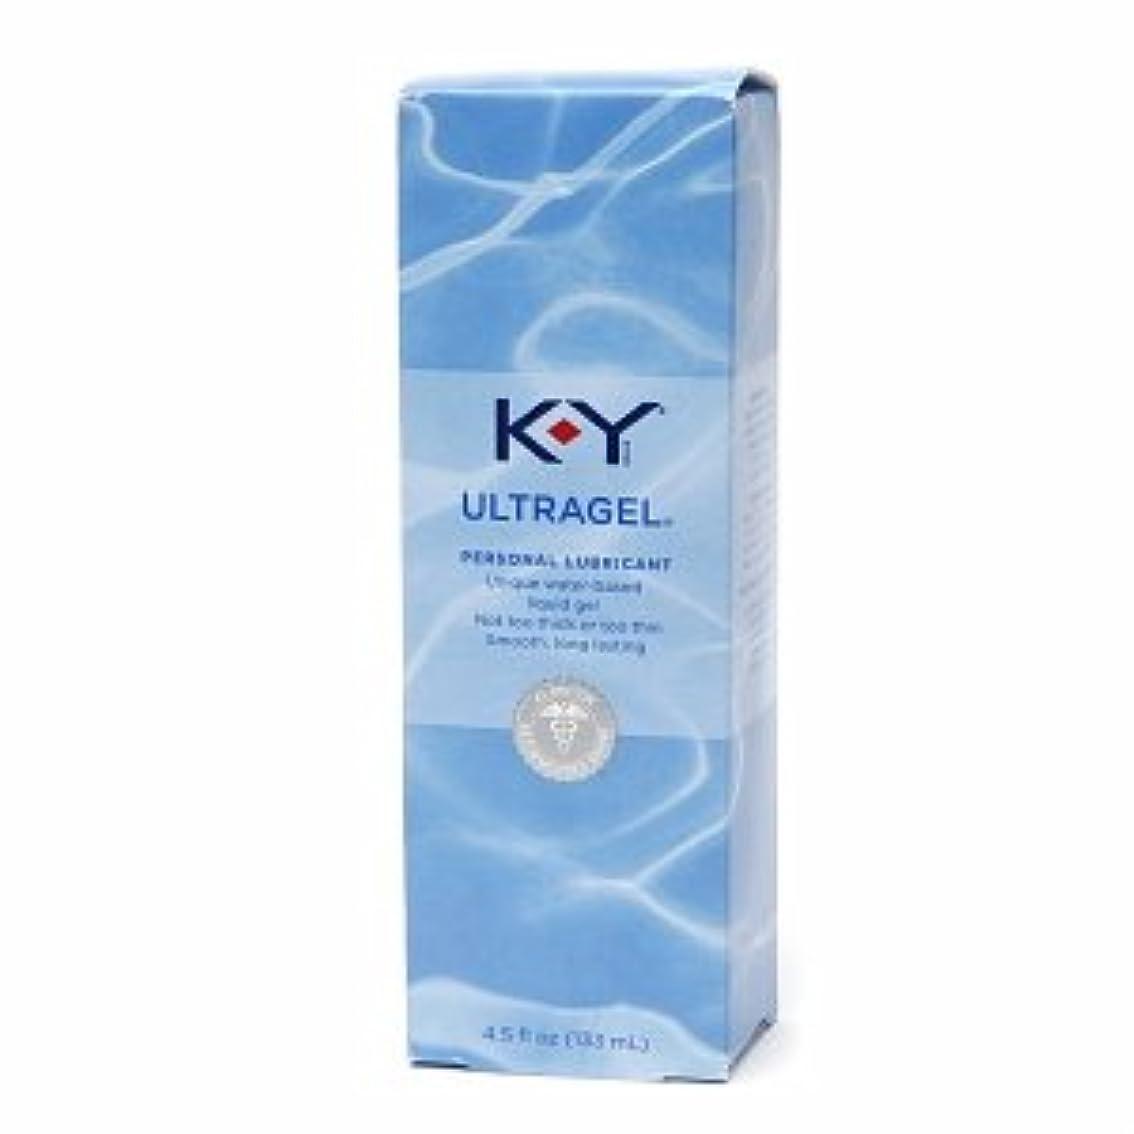 ひまわりアカデミックアシュリータファーマン074 不感症で濡れにくい方へ【高級潤滑剤 KYゼリー】 水溶性の潤滑ジェル42g 海外直送品